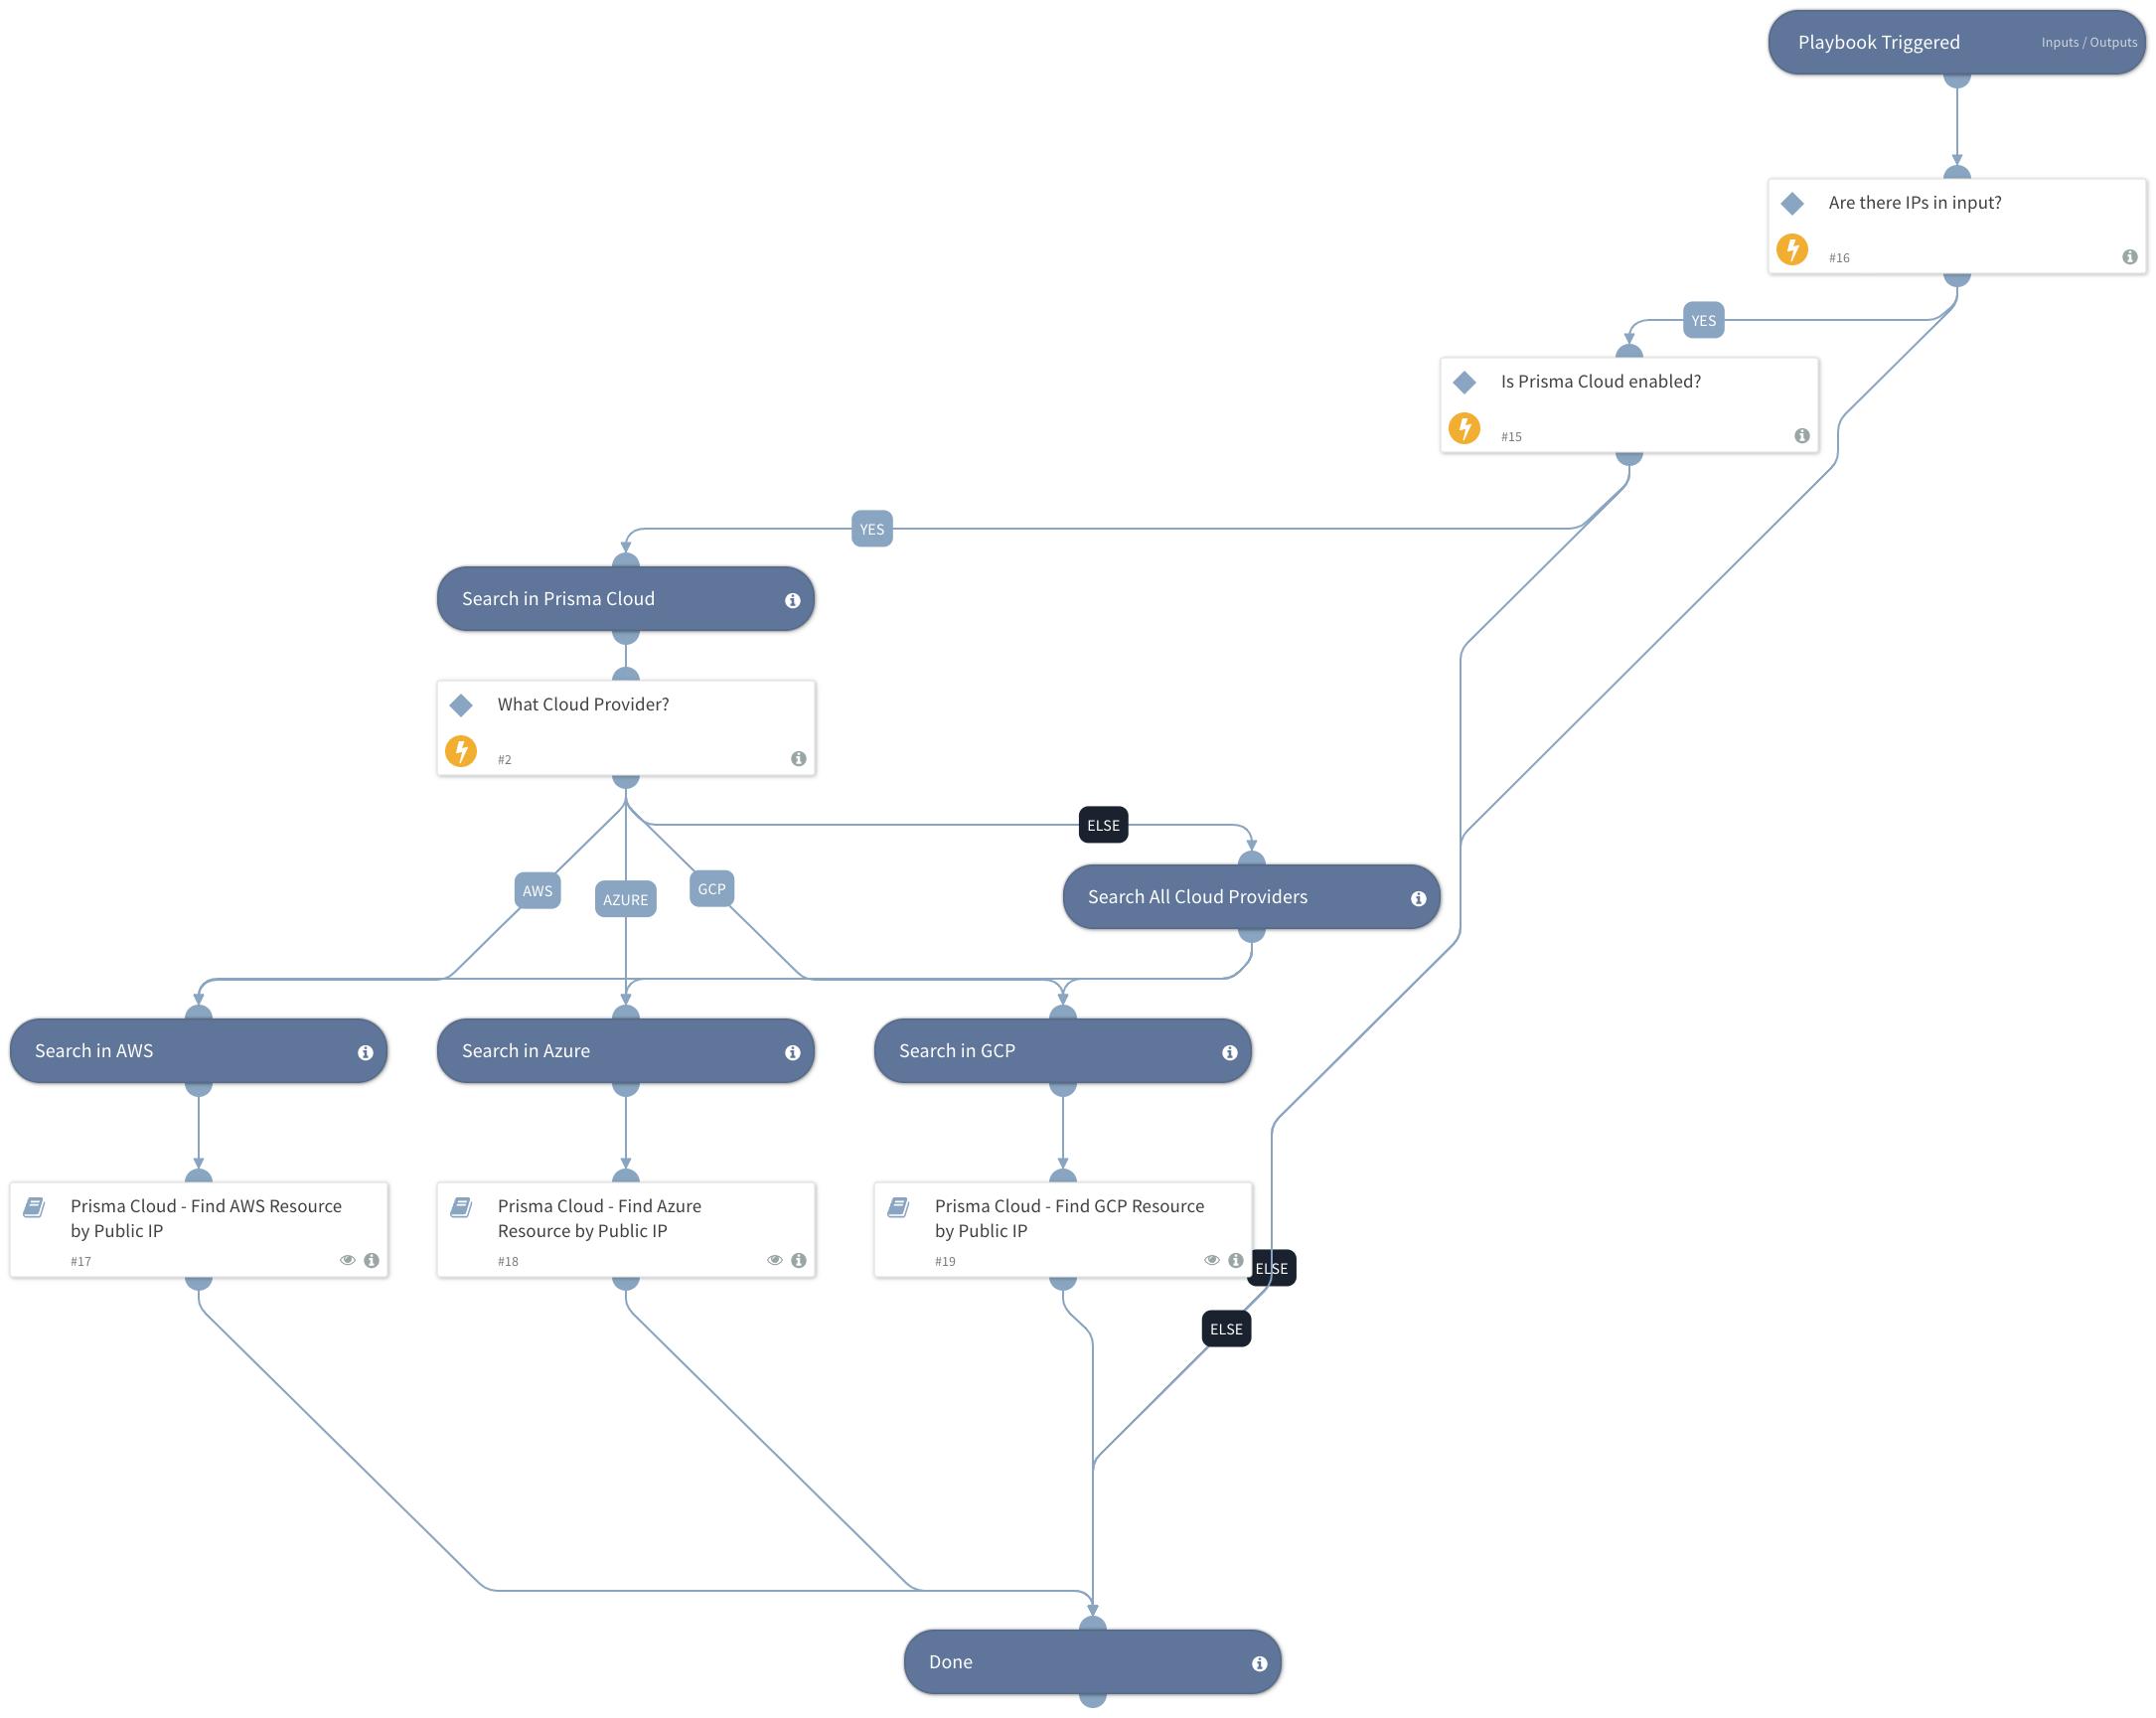 Prisma Cloud - Find Public Cloud Resource by Public IP